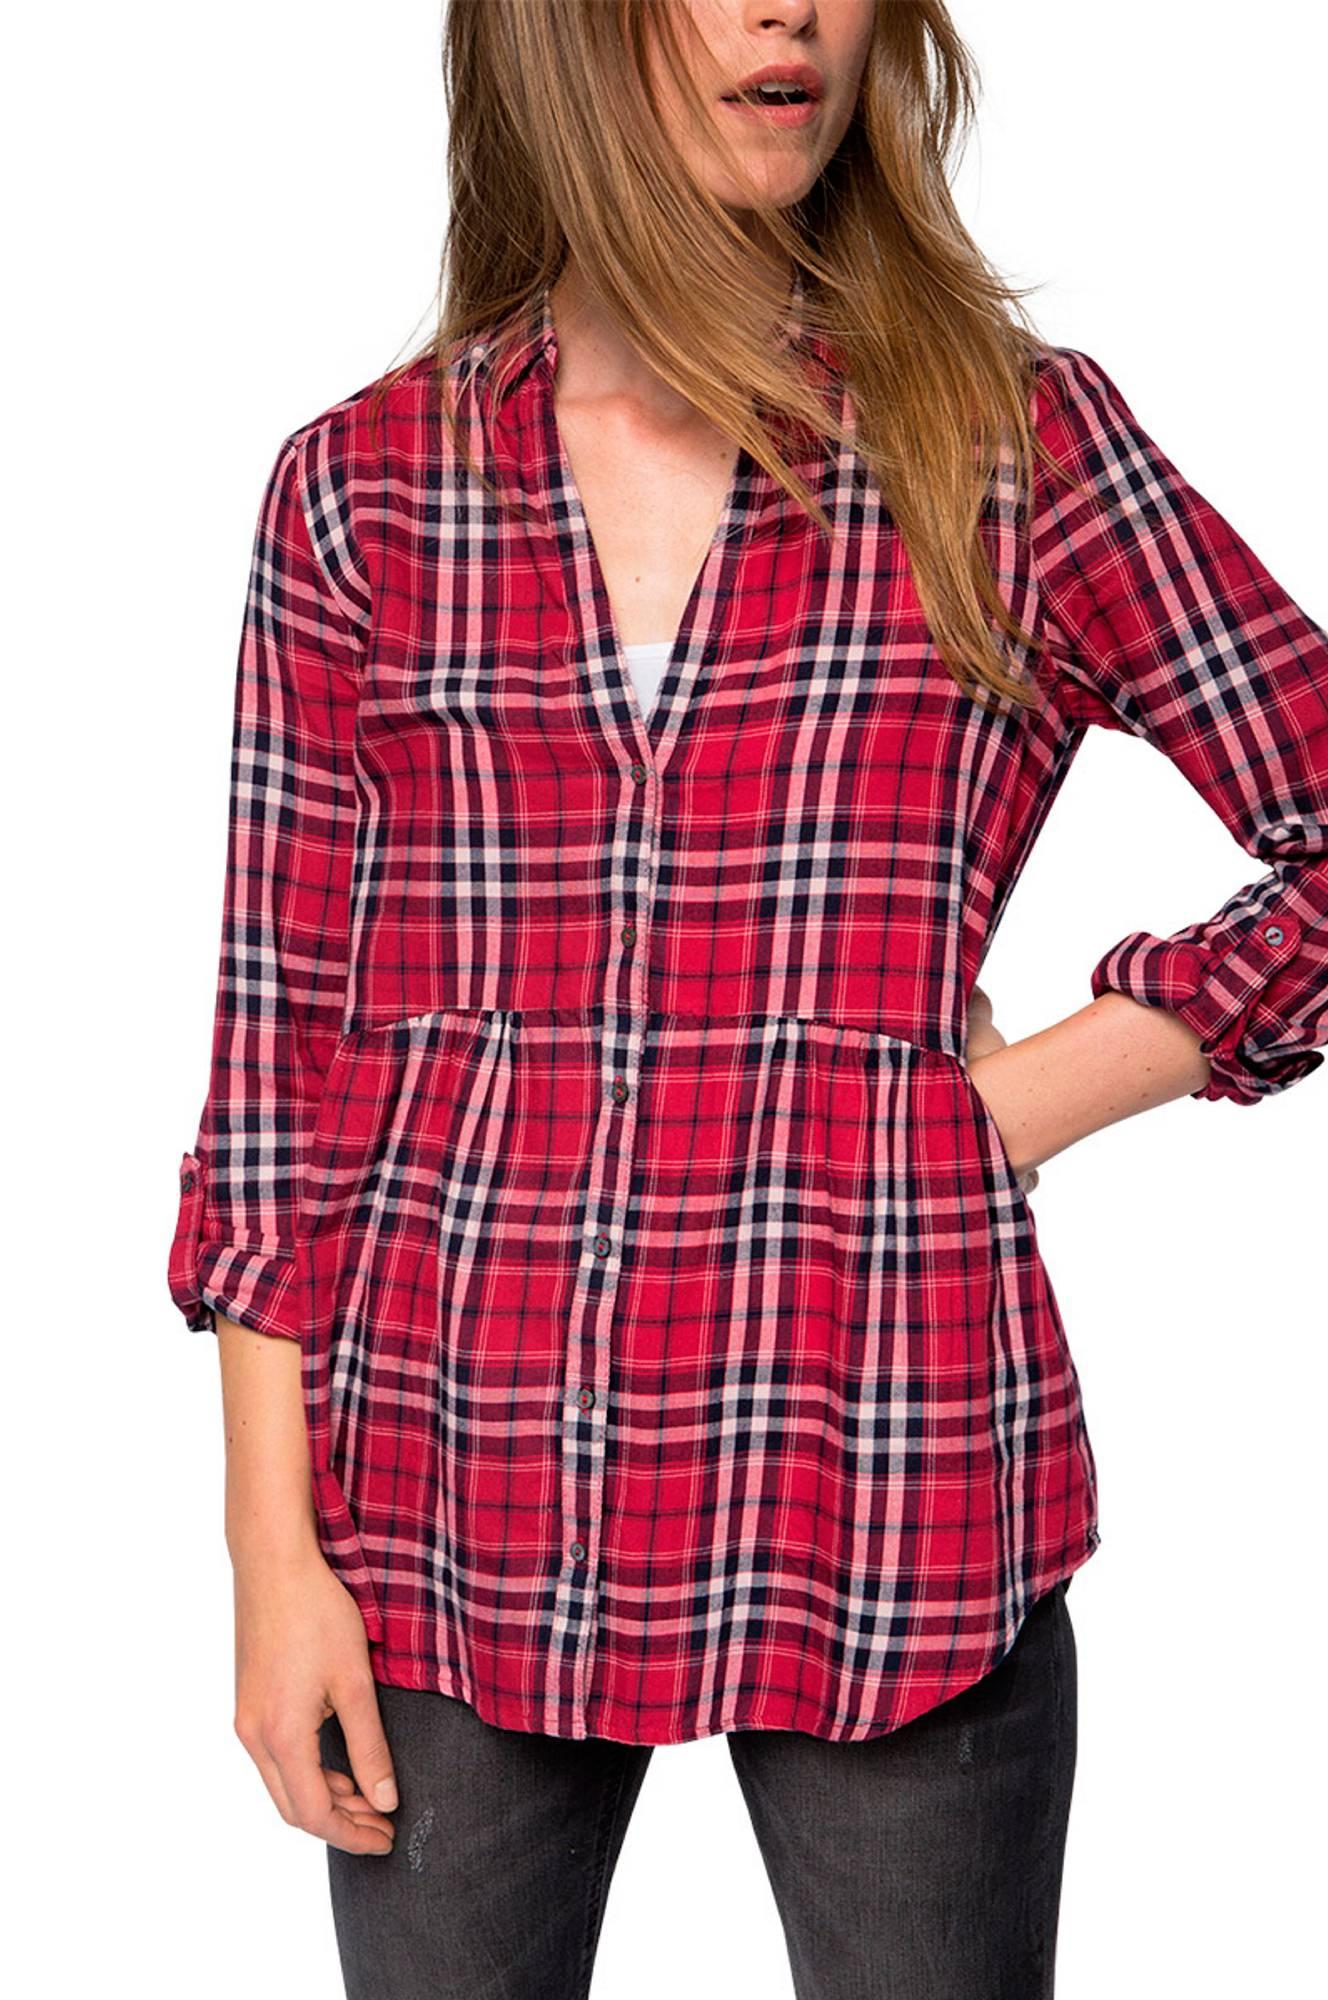 Bluse A-formet Esprit Skjorter & bluser til Kvinder i Mørkerød